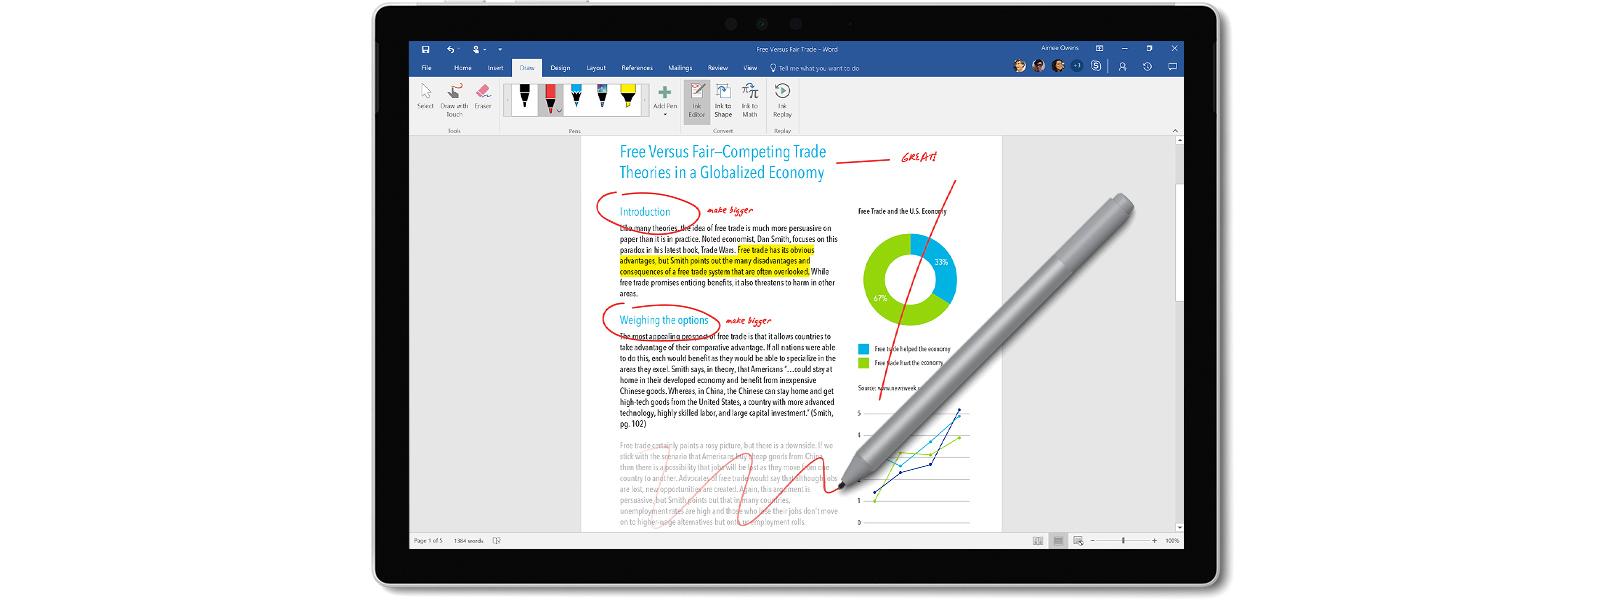 Zrzut ekranu prezentujący edycję strony za pomocą pióra Surface, obejmującą komentarze, wyróżnienie, przekreślenie i zakreślony zaznaczony tekst.